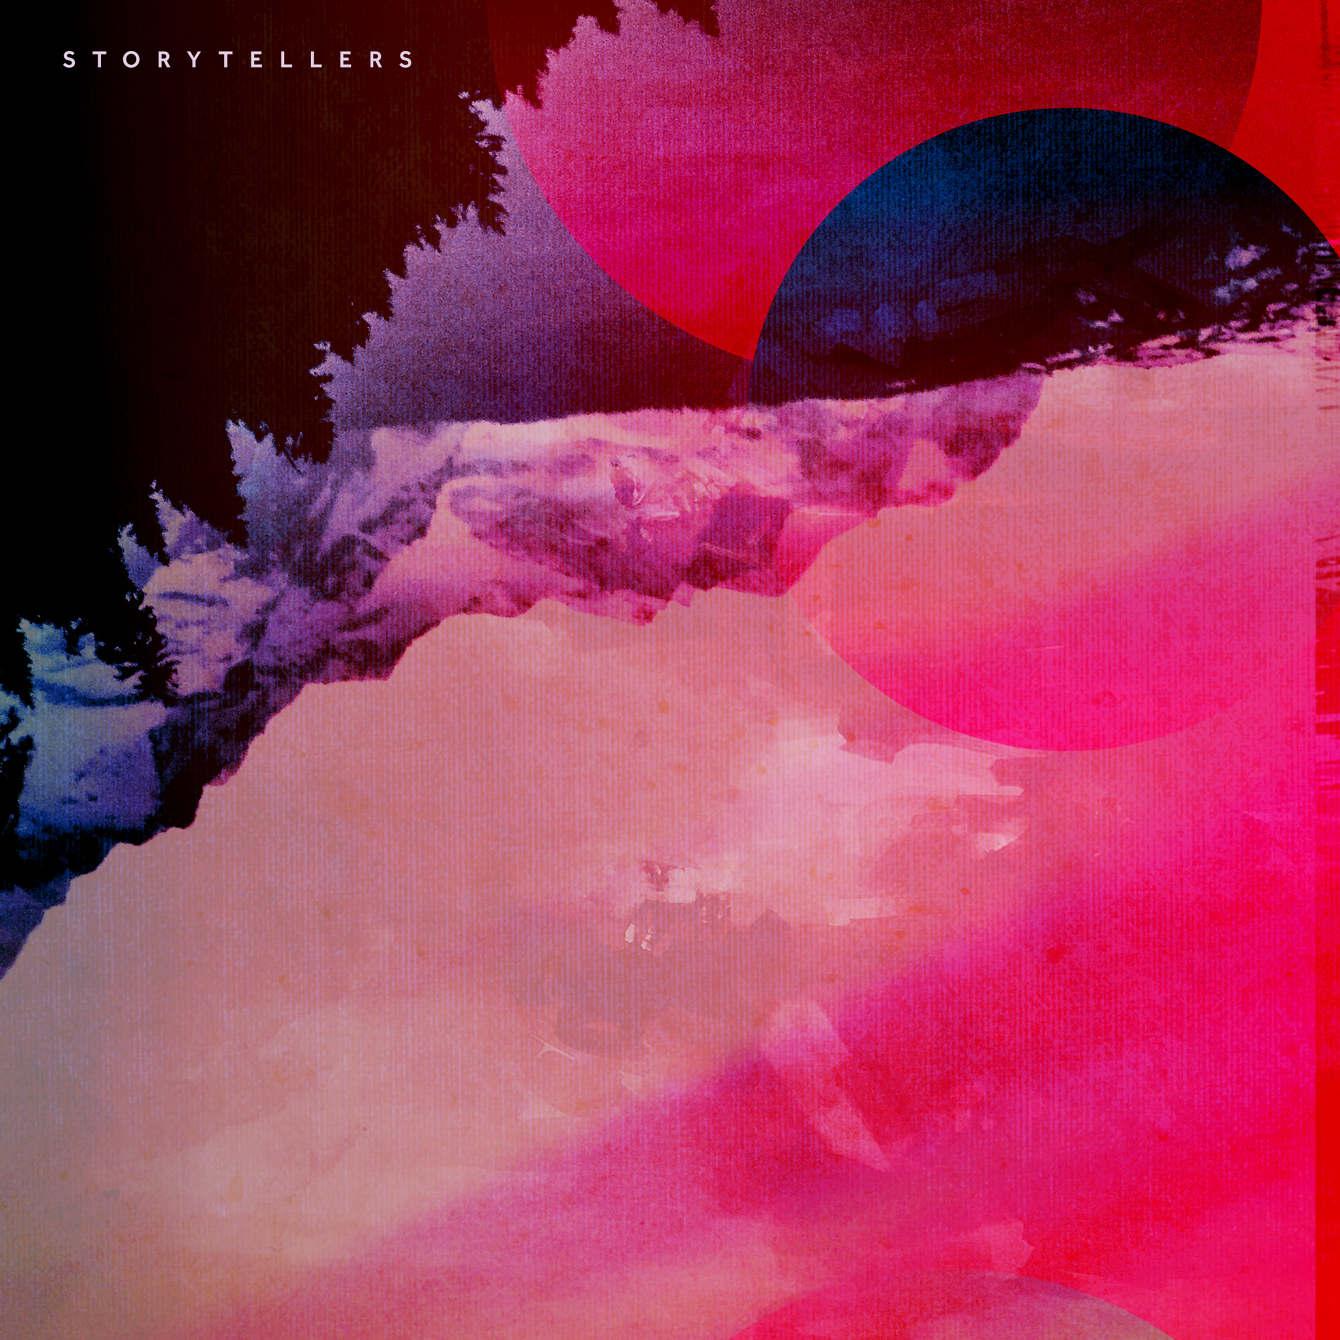 Album Covers Mark Corry Graphic Designer